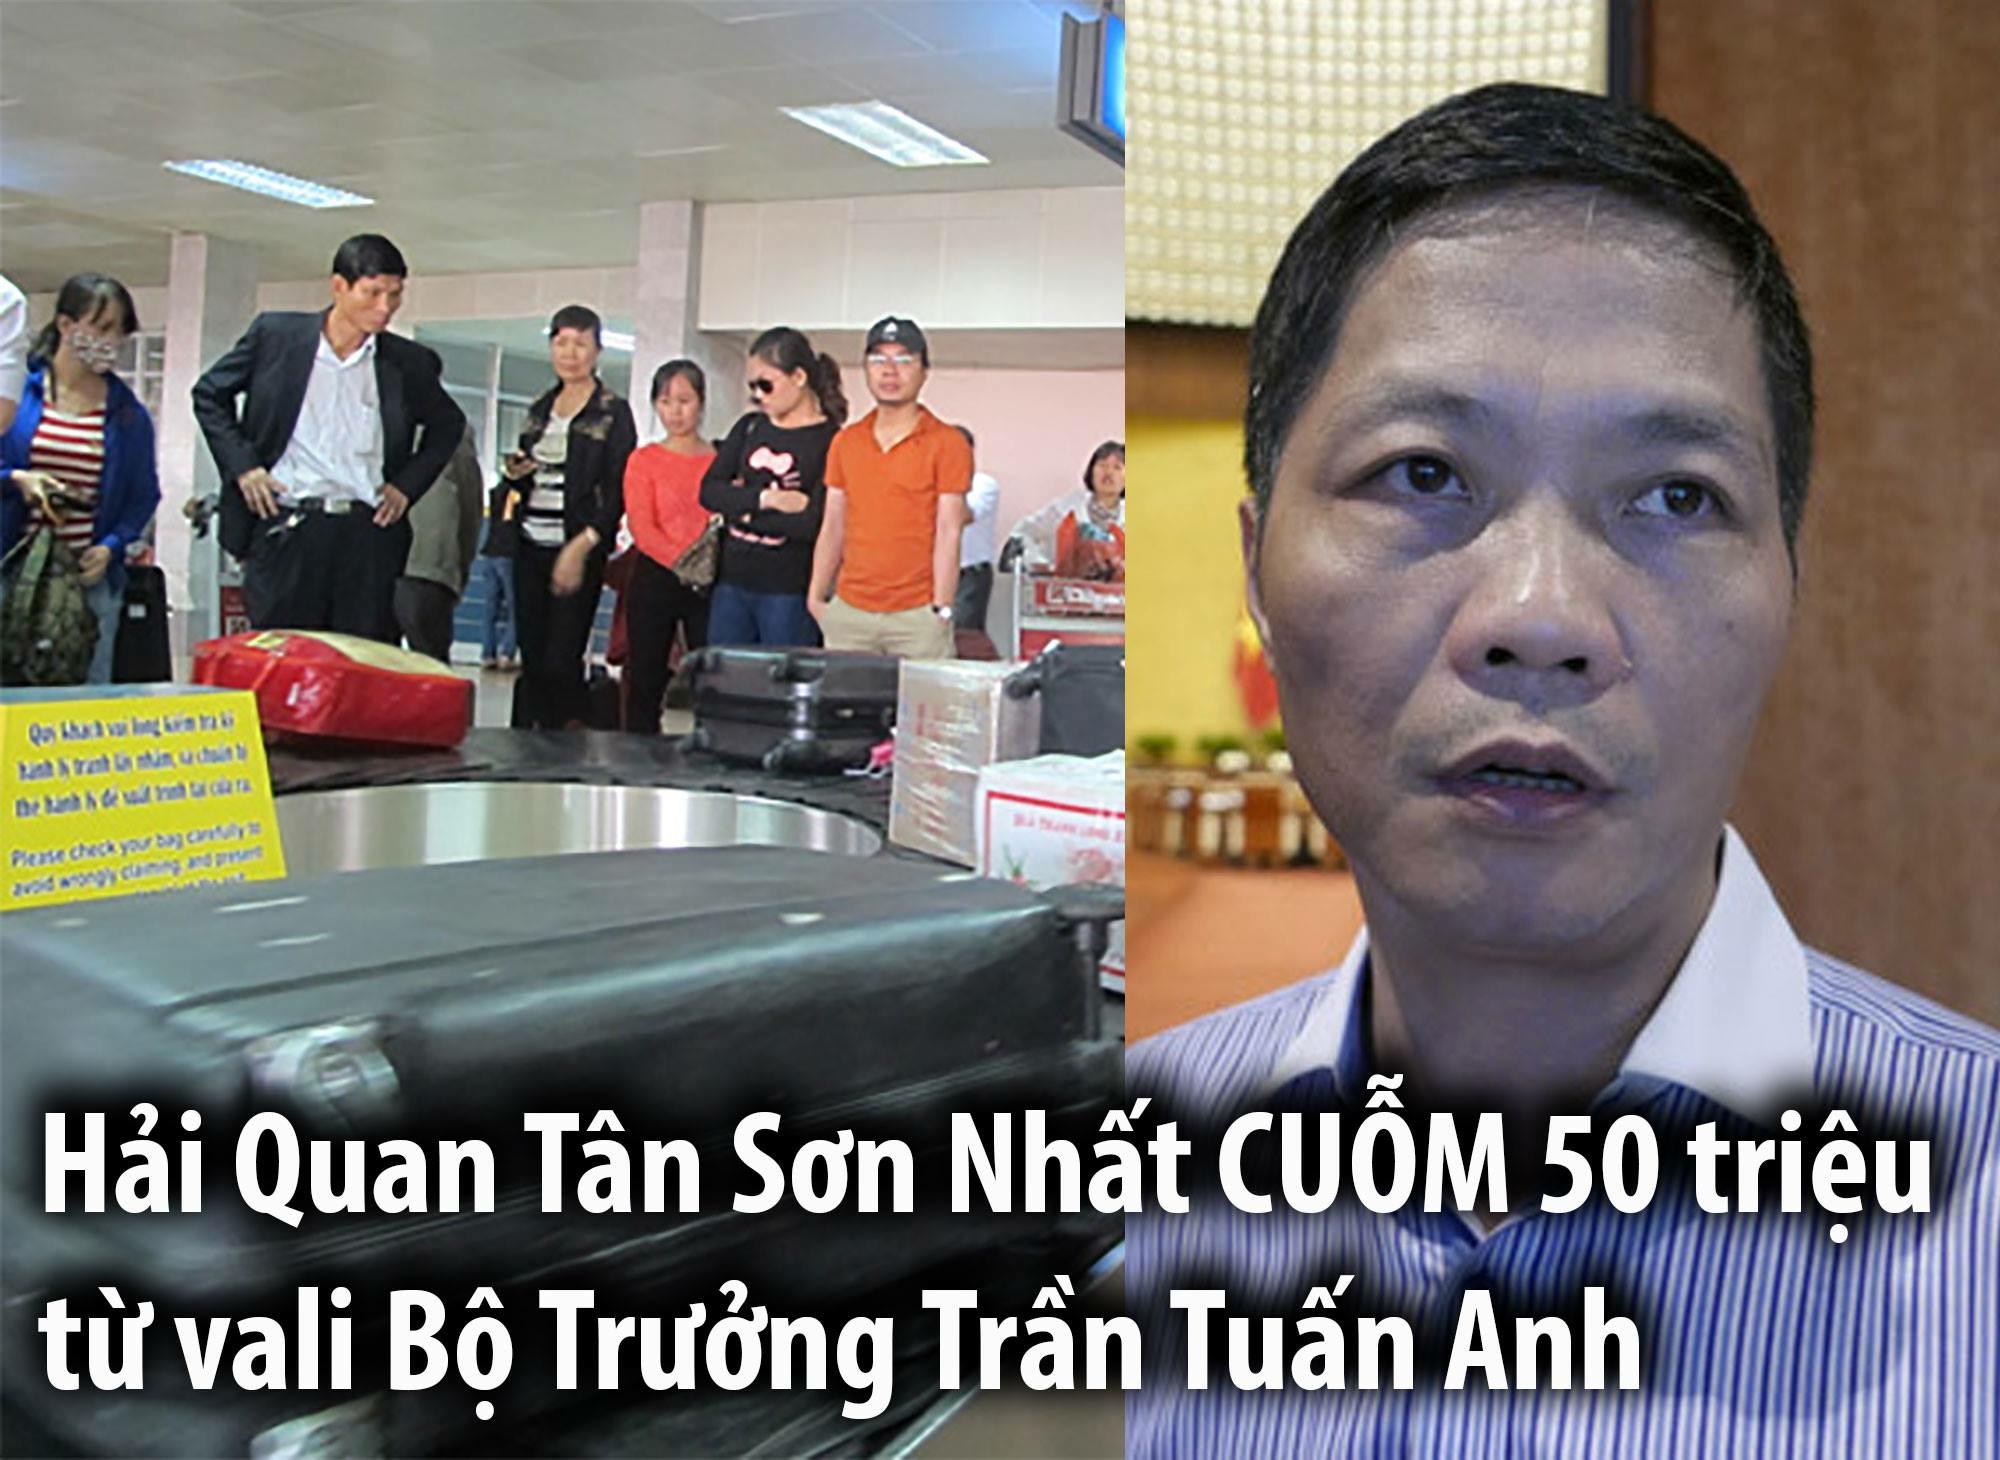 Bộ Trưởng Công Thương CSVN bị cuỗm mất 50 triệu khi qua hải quan Tân Sơn Nhất